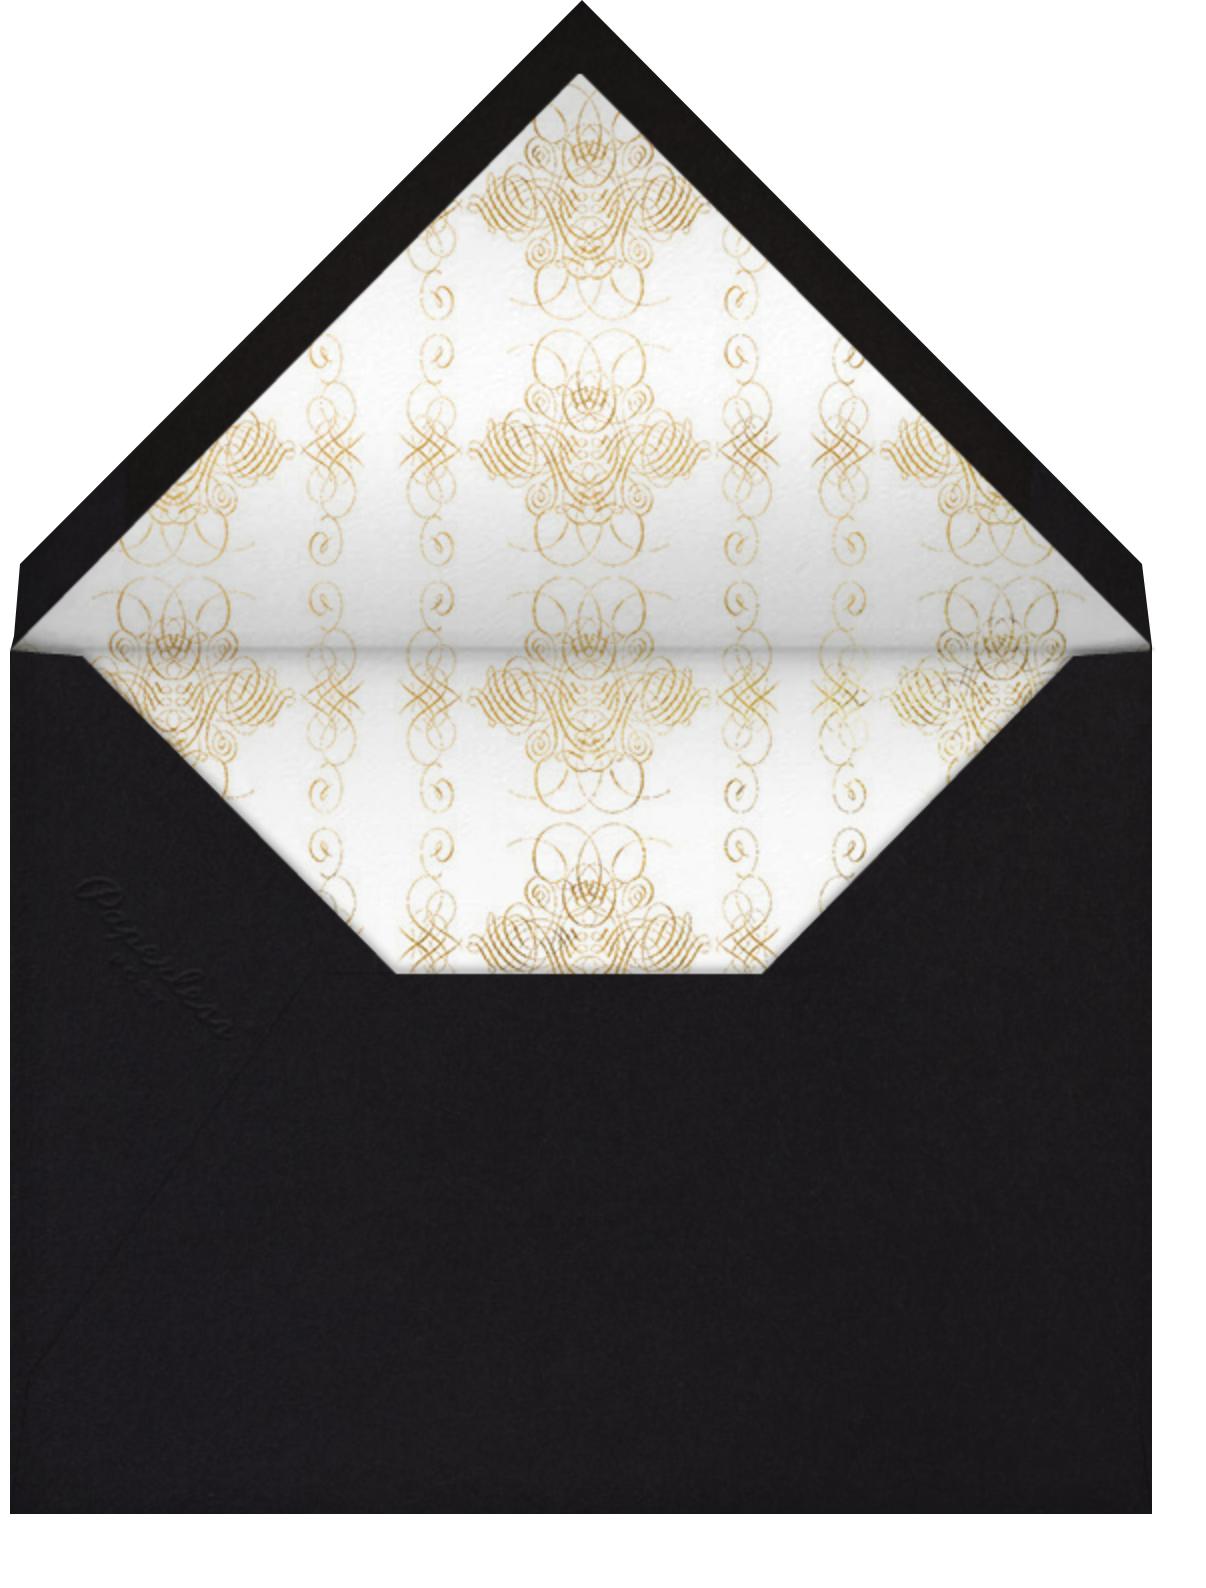 You're Invited - Black Flourished - Bernard Maisner - Graduation party - envelope back